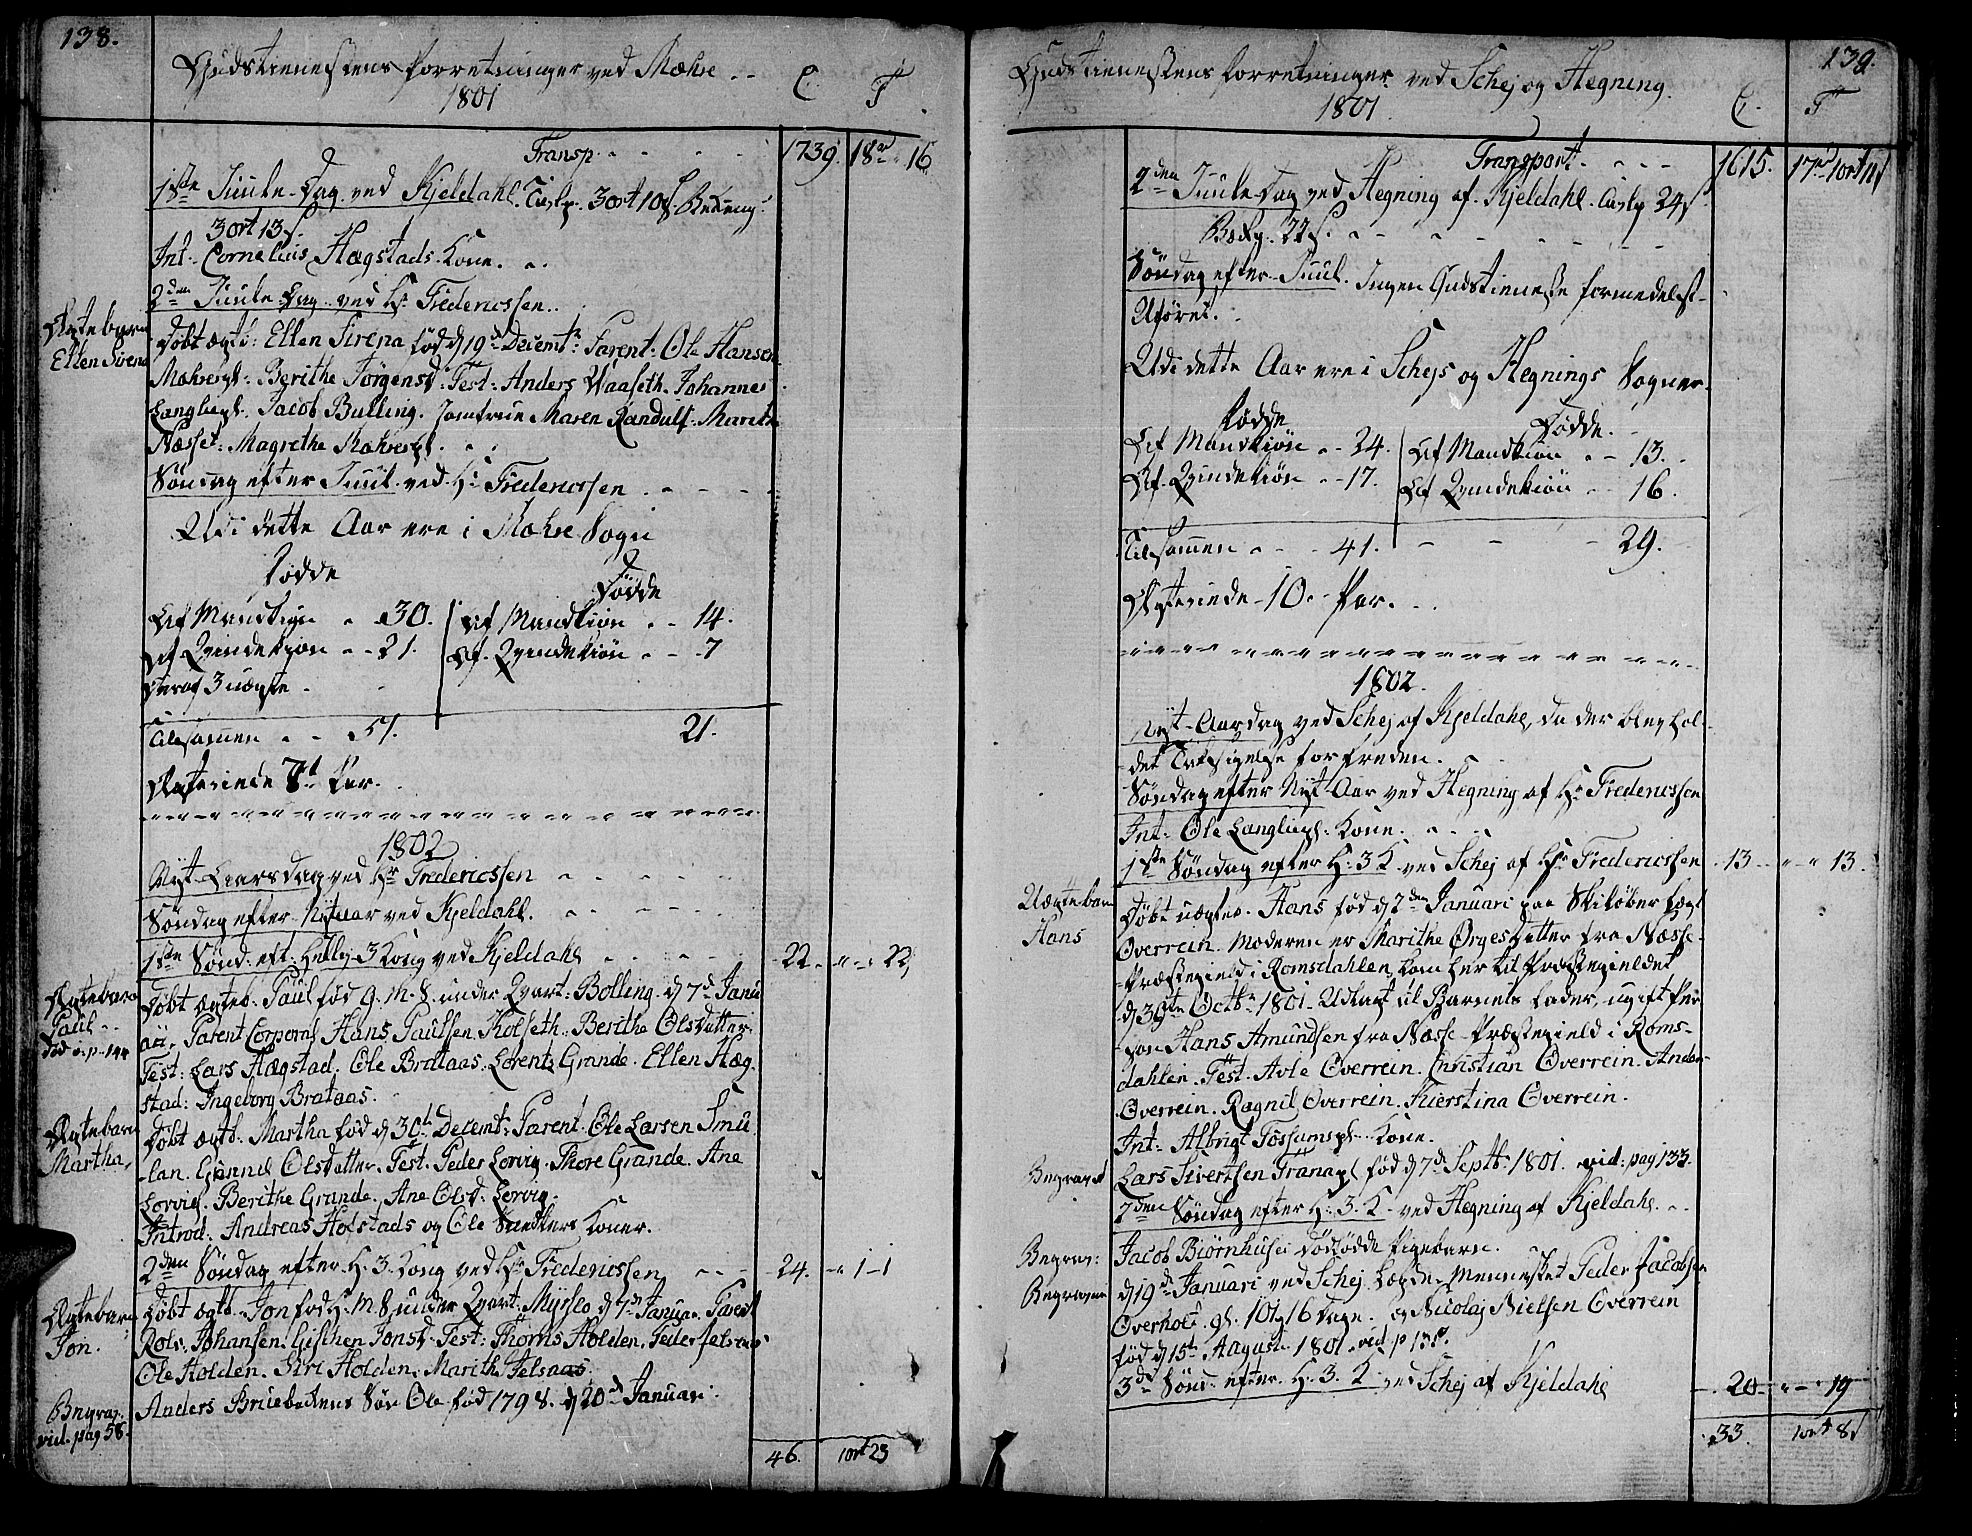 SAT, Ministerialprotokoller, klokkerbøker og fødselsregistre - Nord-Trøndelag, 735/L0332: Ministerialbok nr. 735A03, 1795-1816, s. 138-139